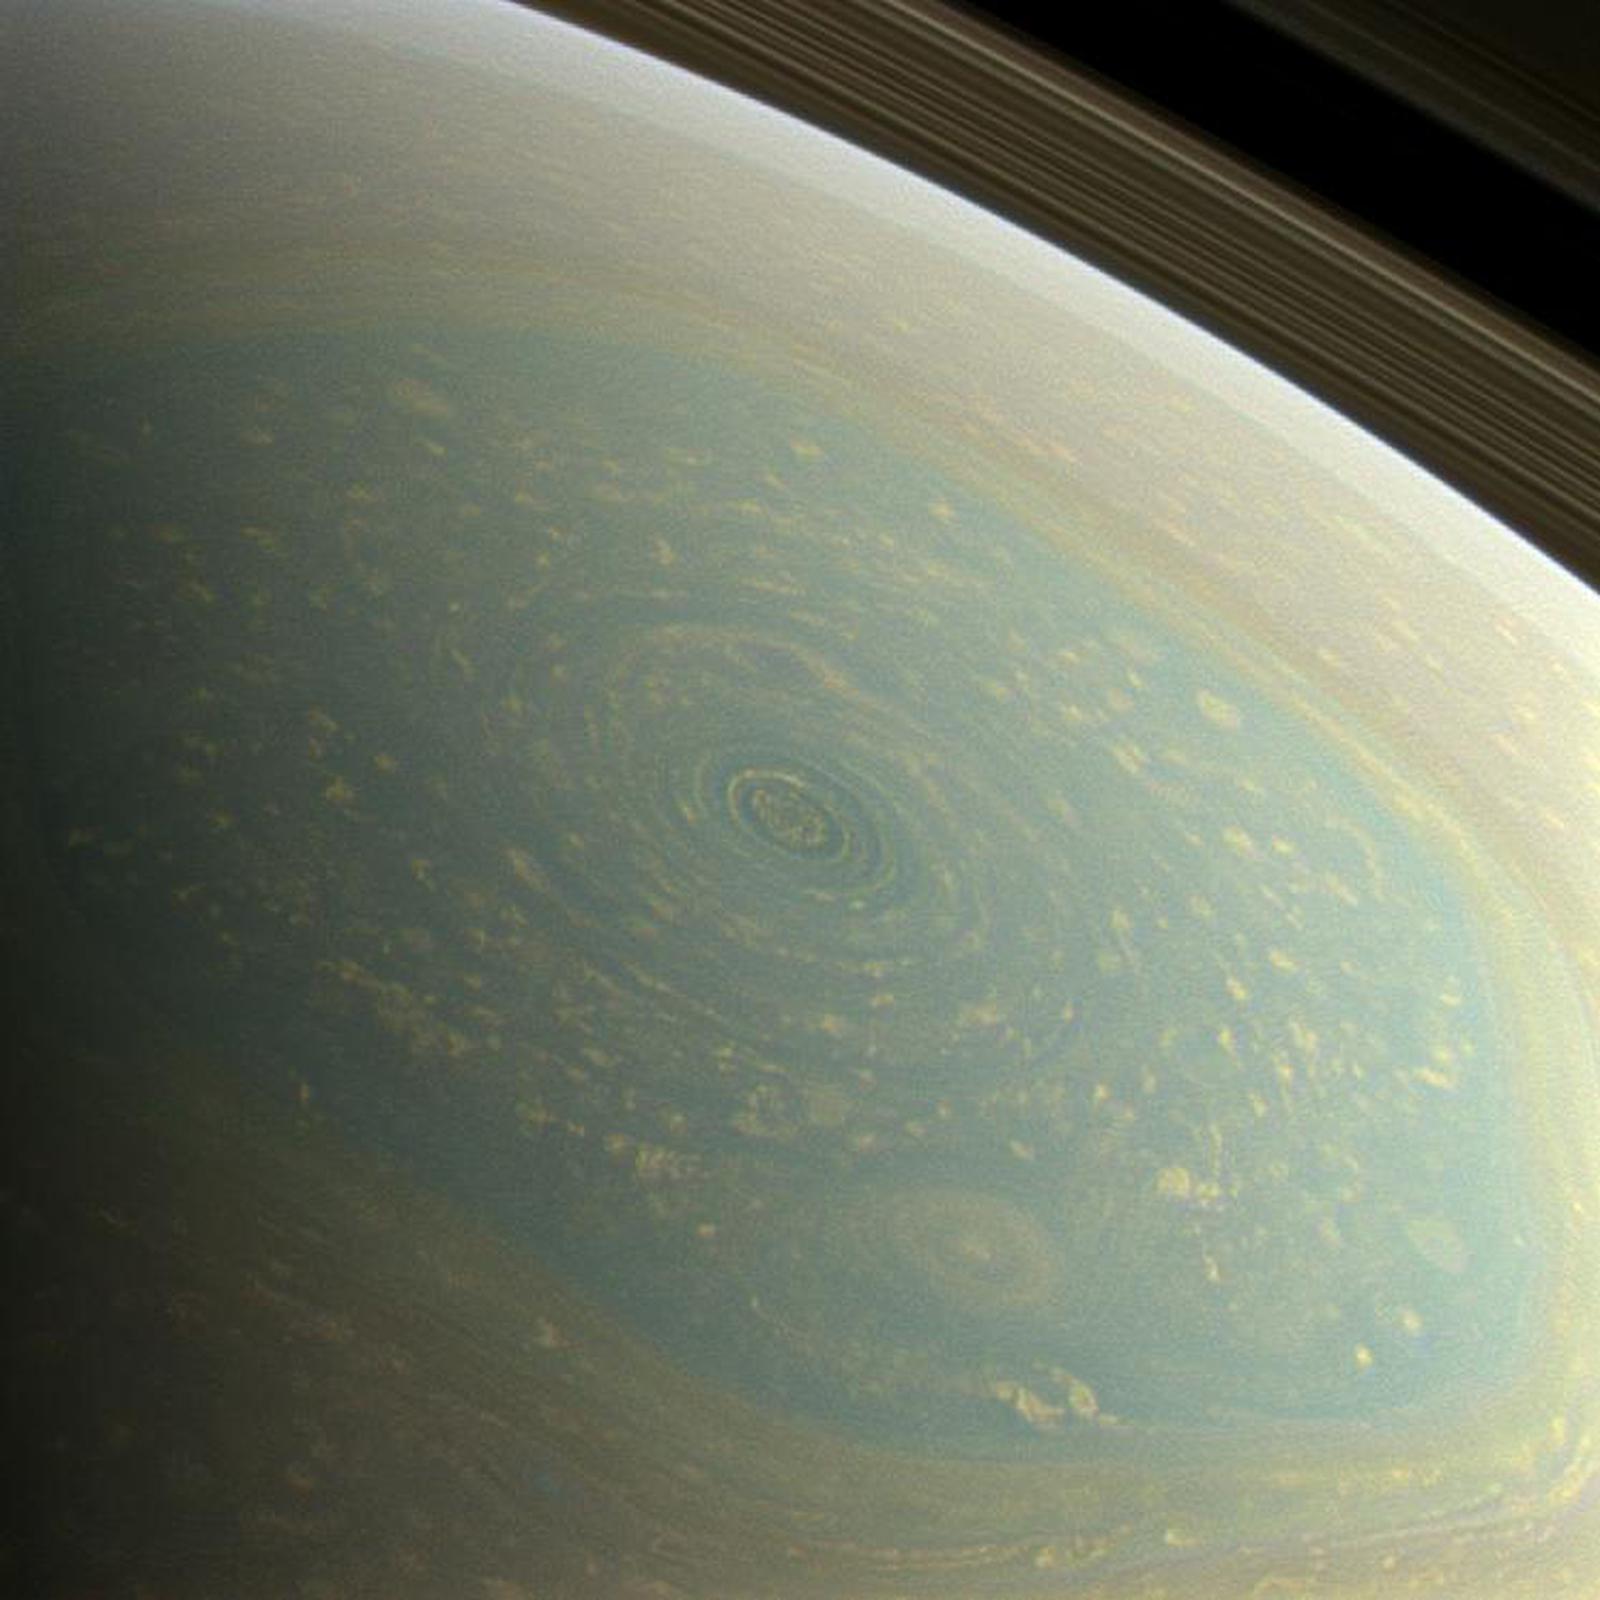 Καταιγίδα σε σχήμα εξάγωνου στο βόρειο πόλο του Κρόνου